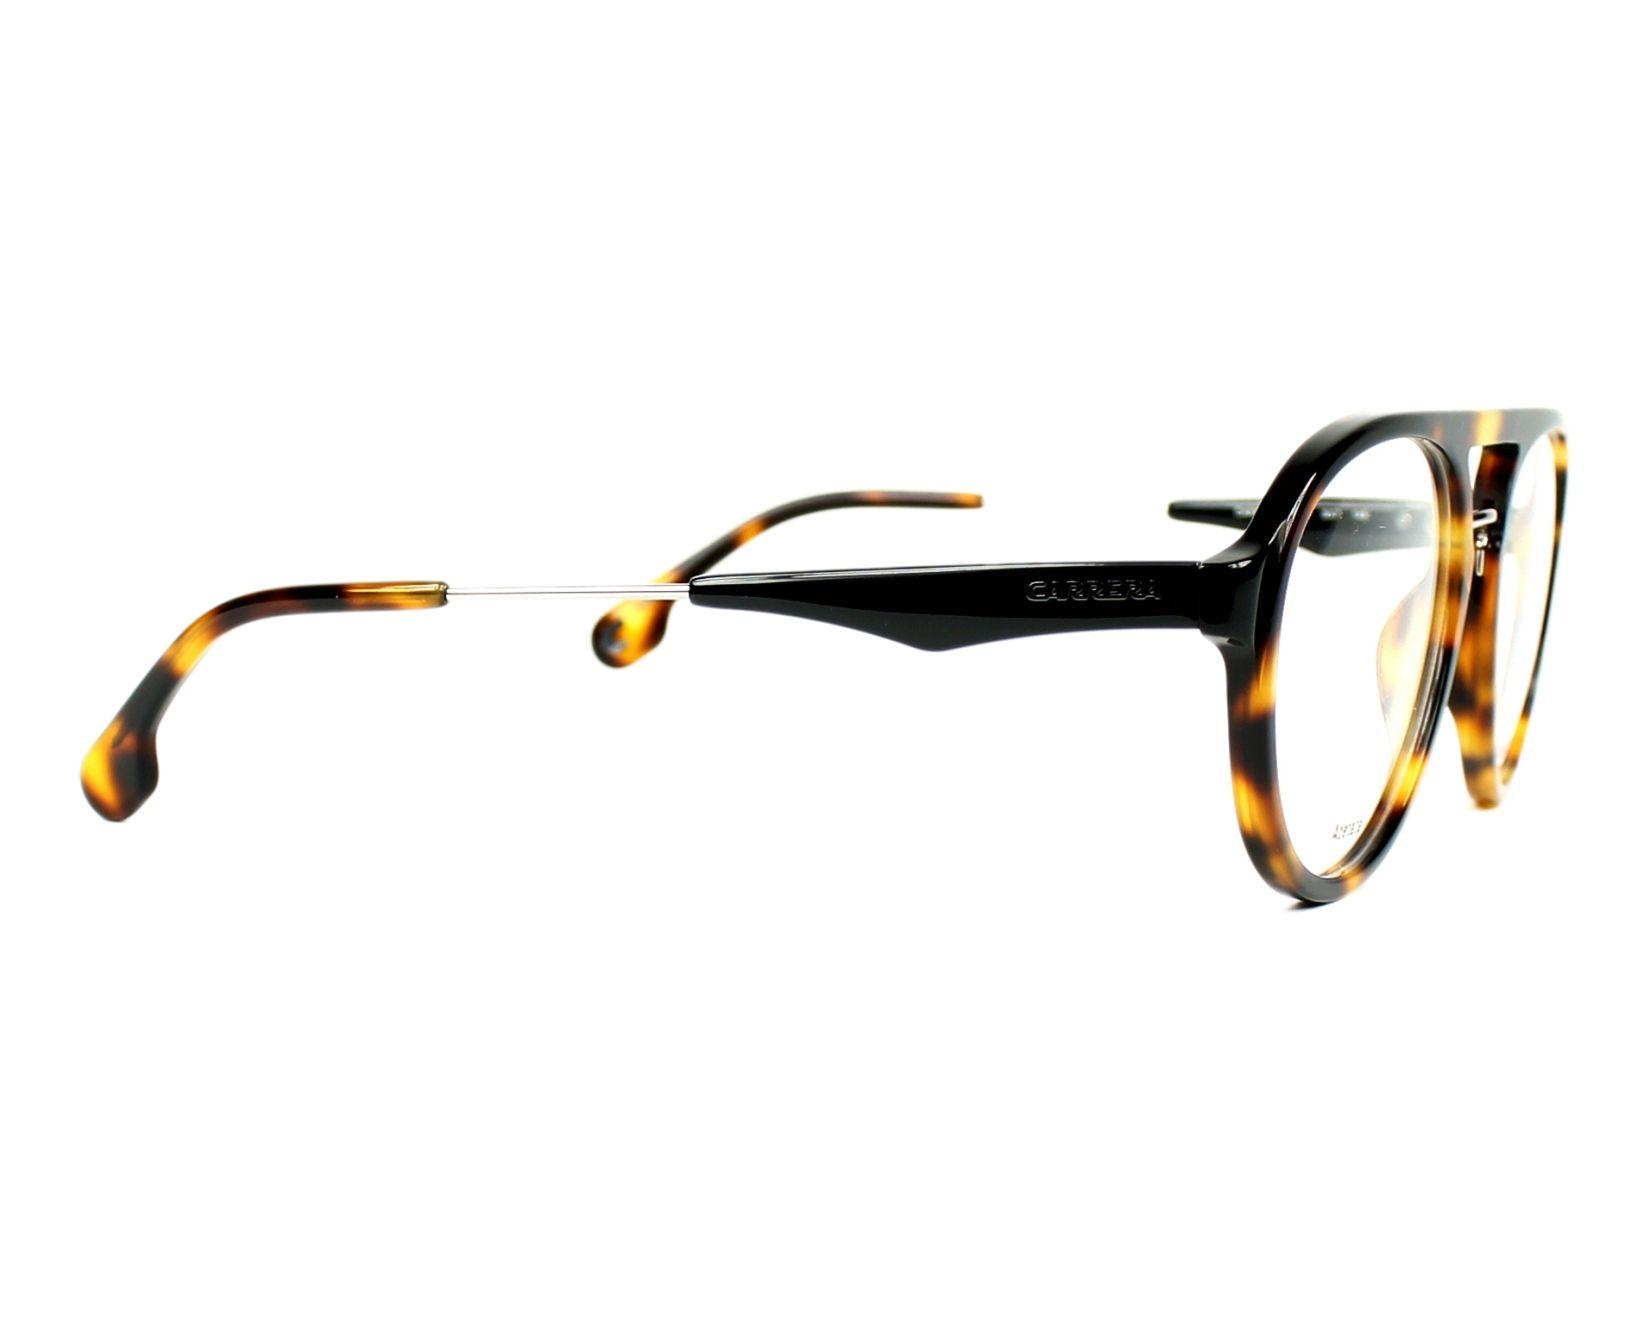 36abbfeb2eb eyeglasses Carrera CA-137-V SX7 53-19 Havana side view